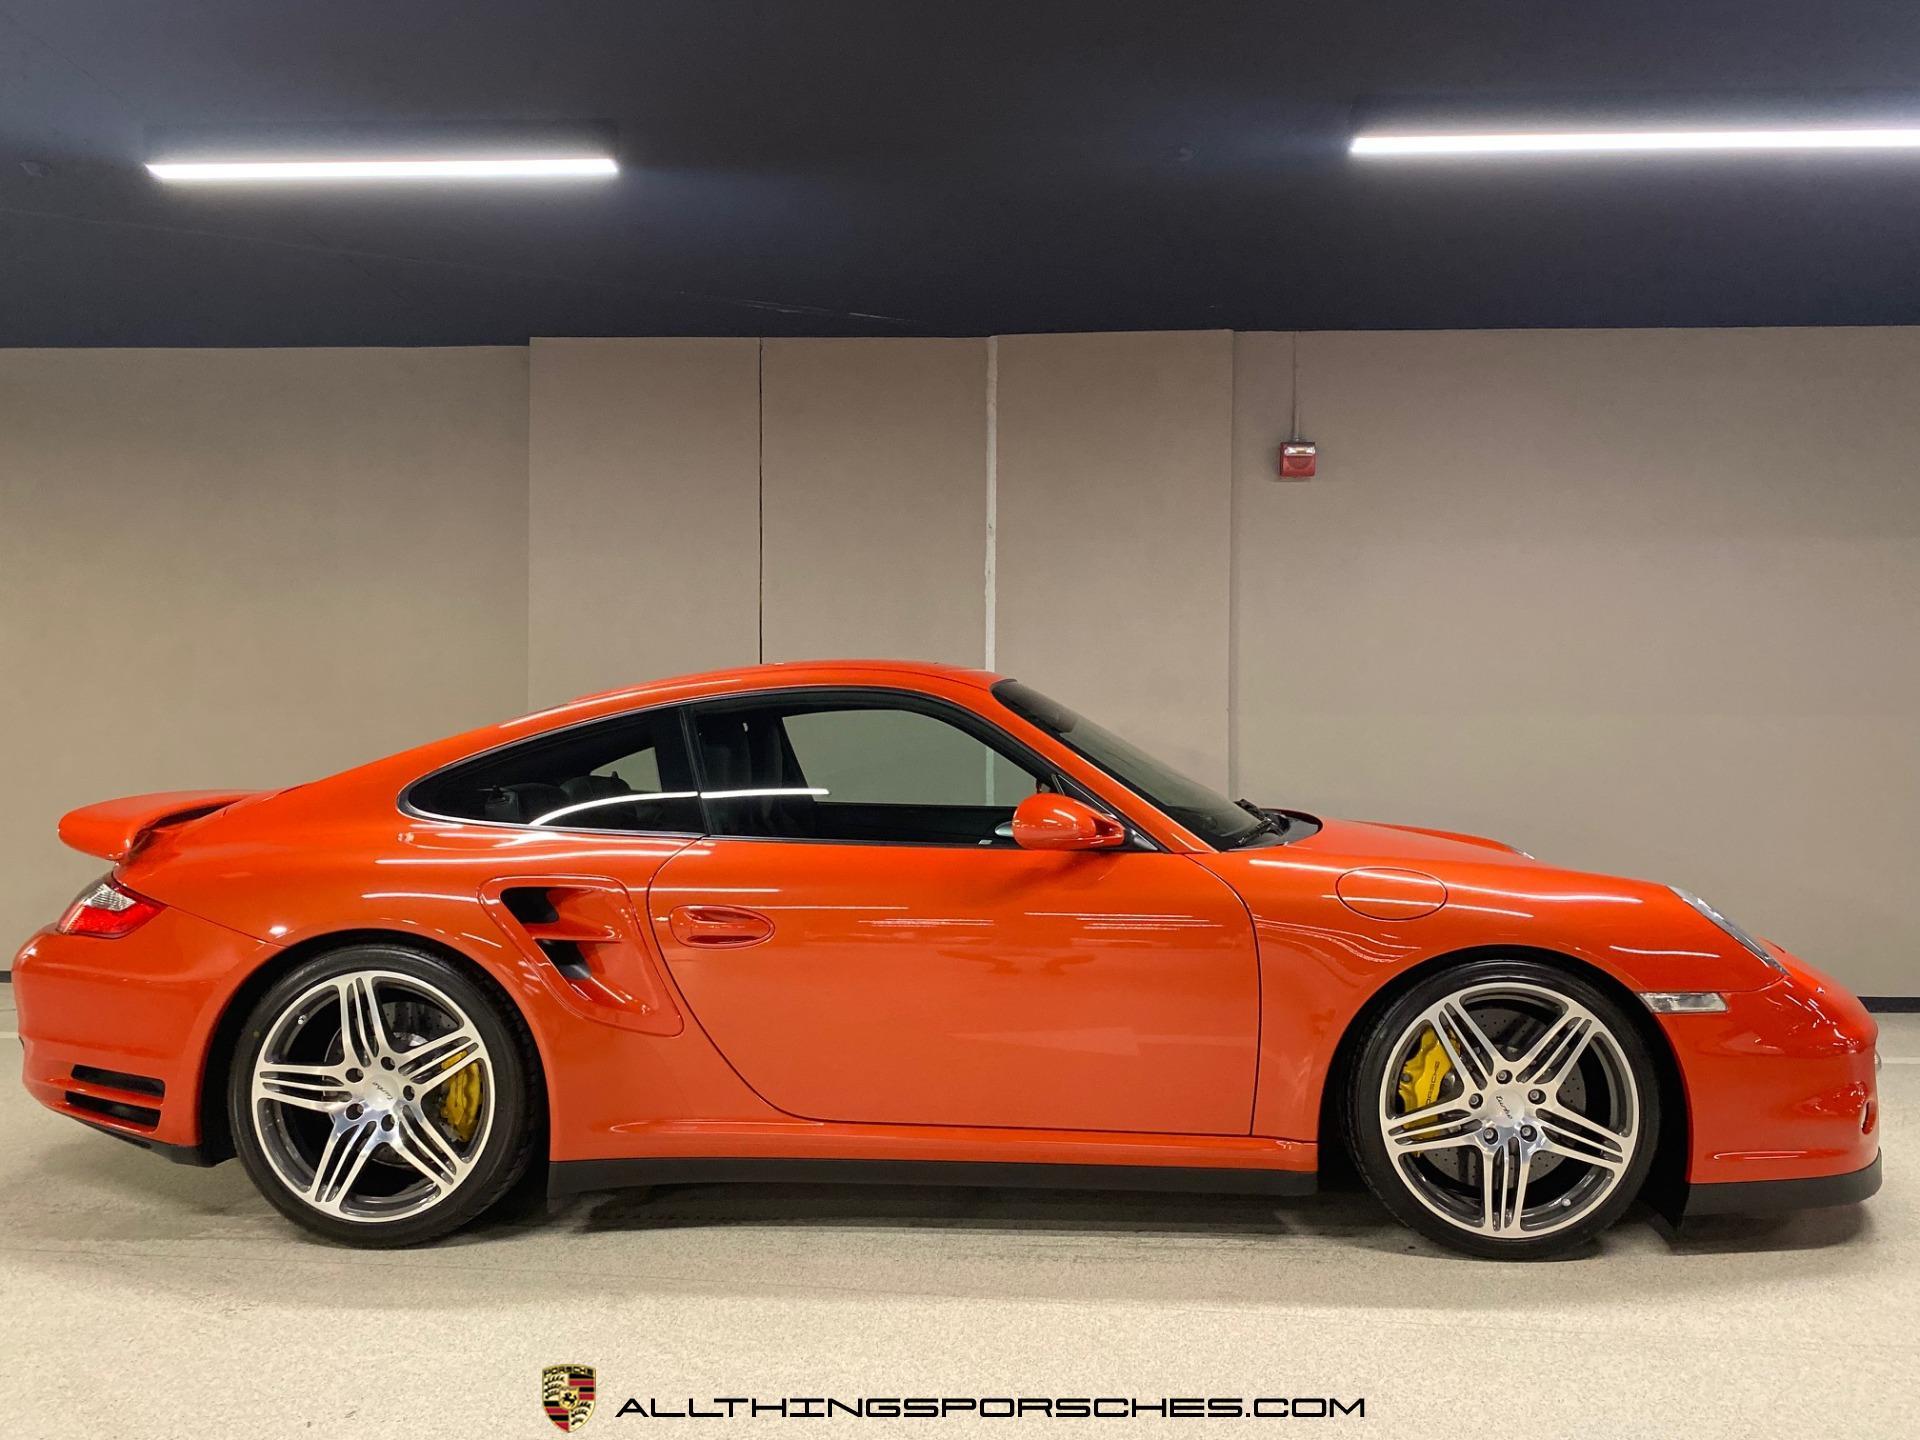 Used 2007 Porsche 911 Turbo | North Miami Beach, FL